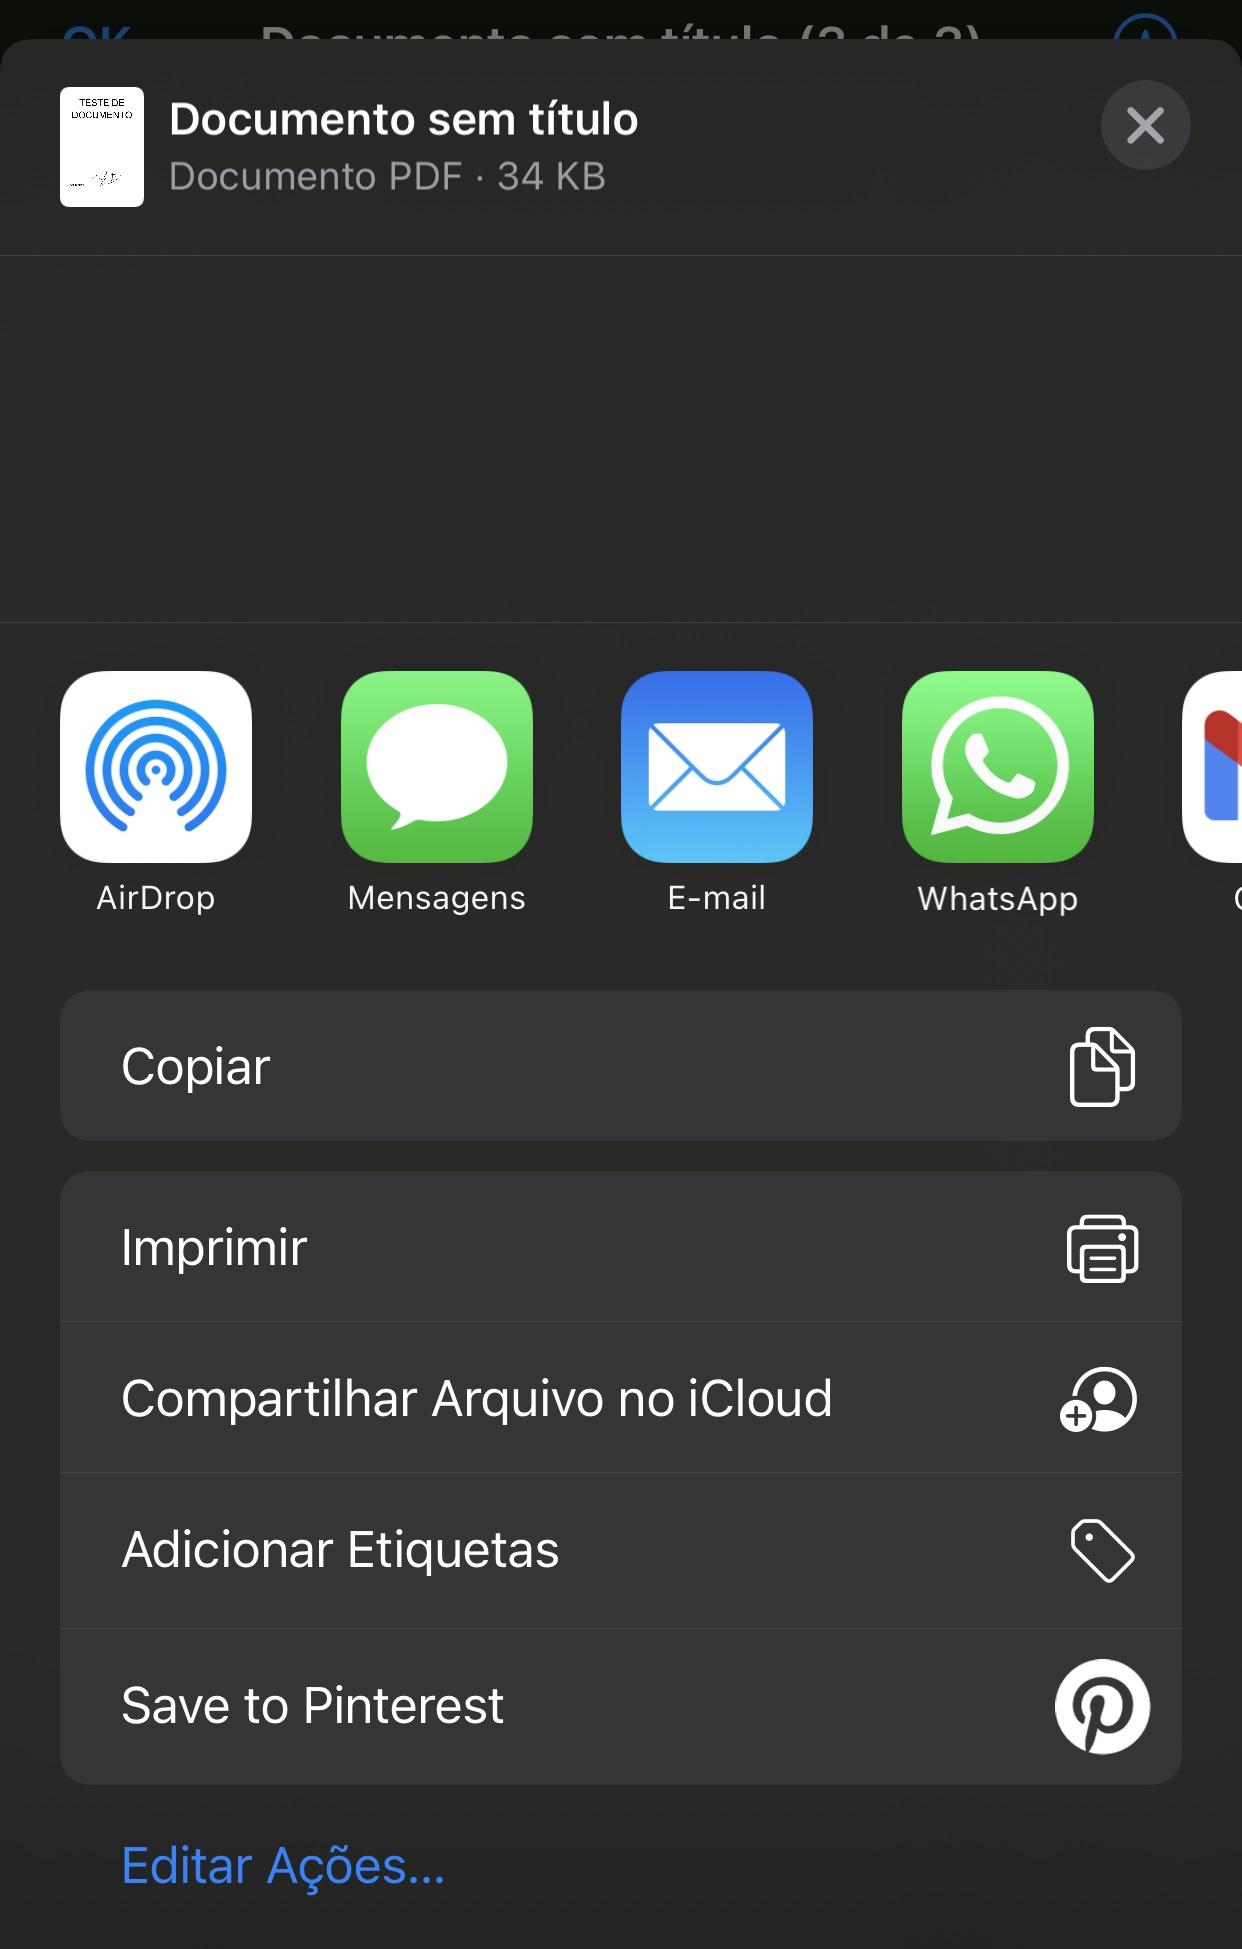 Você pode compartilhar o documento assinado por outros aplicativos do próprio iPhone